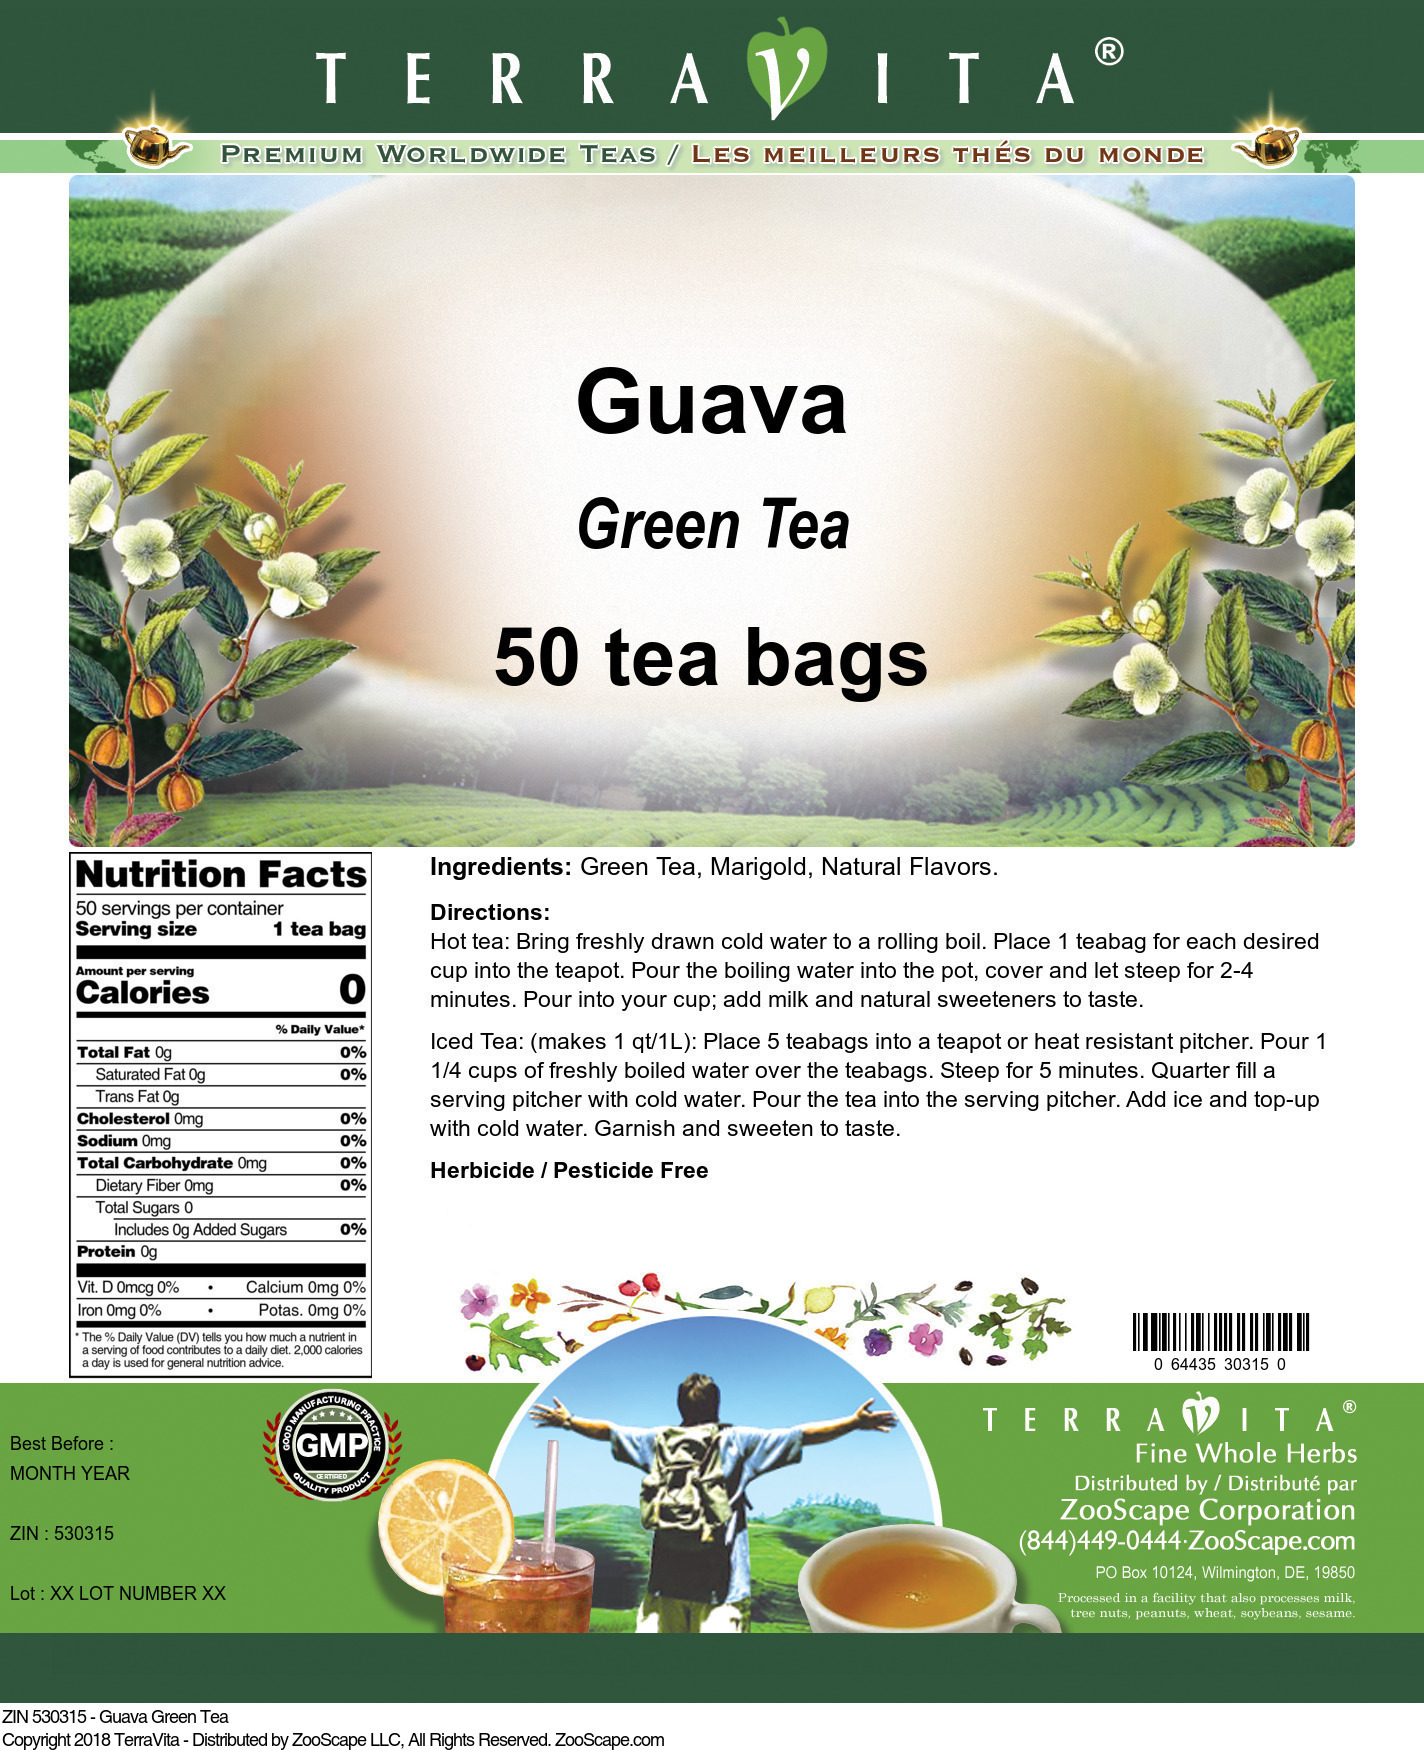 Guava Green Tea